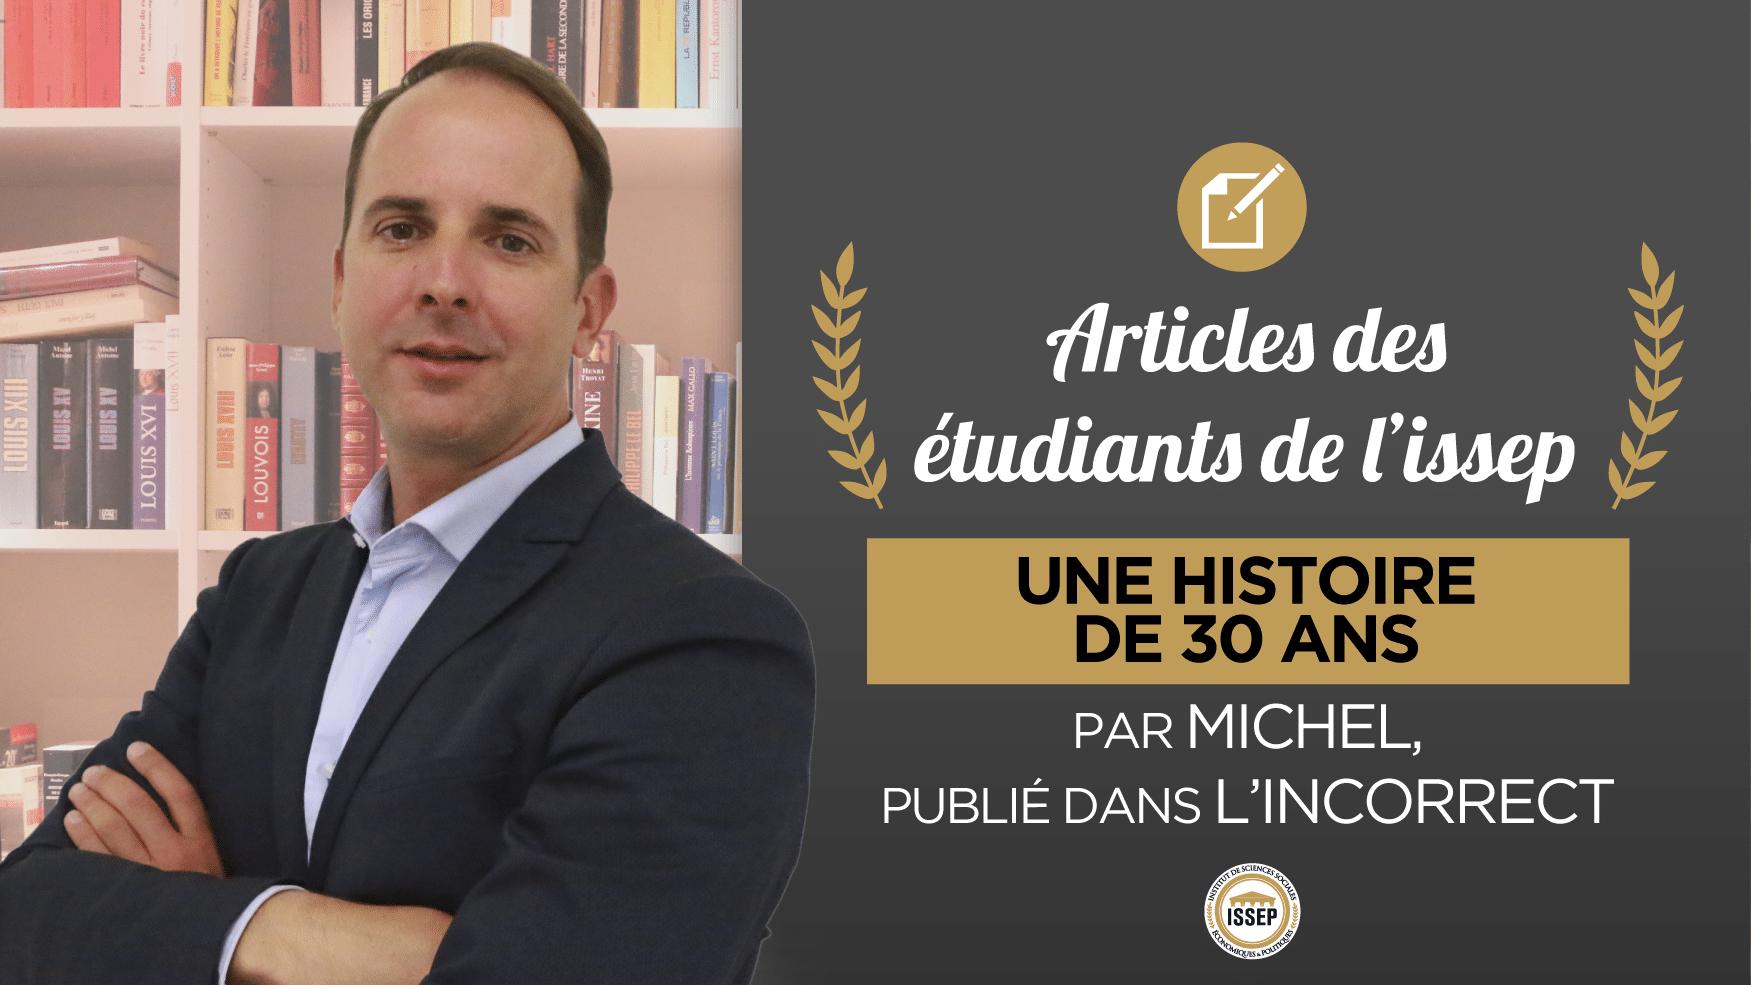 Article des étudiants : Une histoire de 30 ans, article de Michel dans L'Incorrect